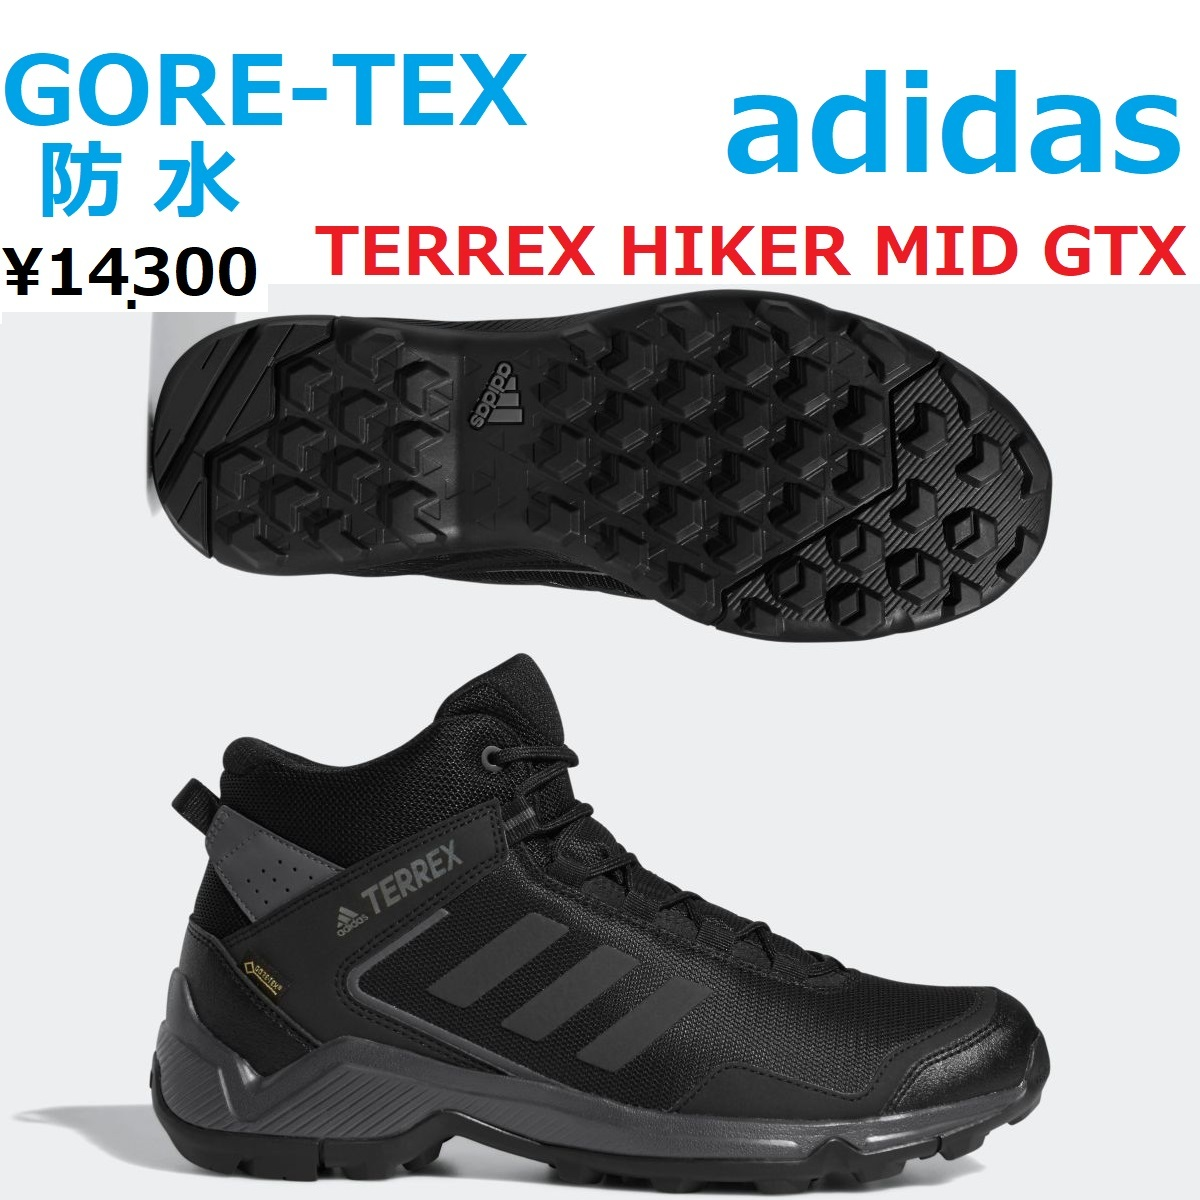 送料無料14300円→8980円即決 GORE-TEX ゴアテックス防水 アディダス adidas TERREX HIKER MID GTX アウトドア トレイル ハイキング ブーツ